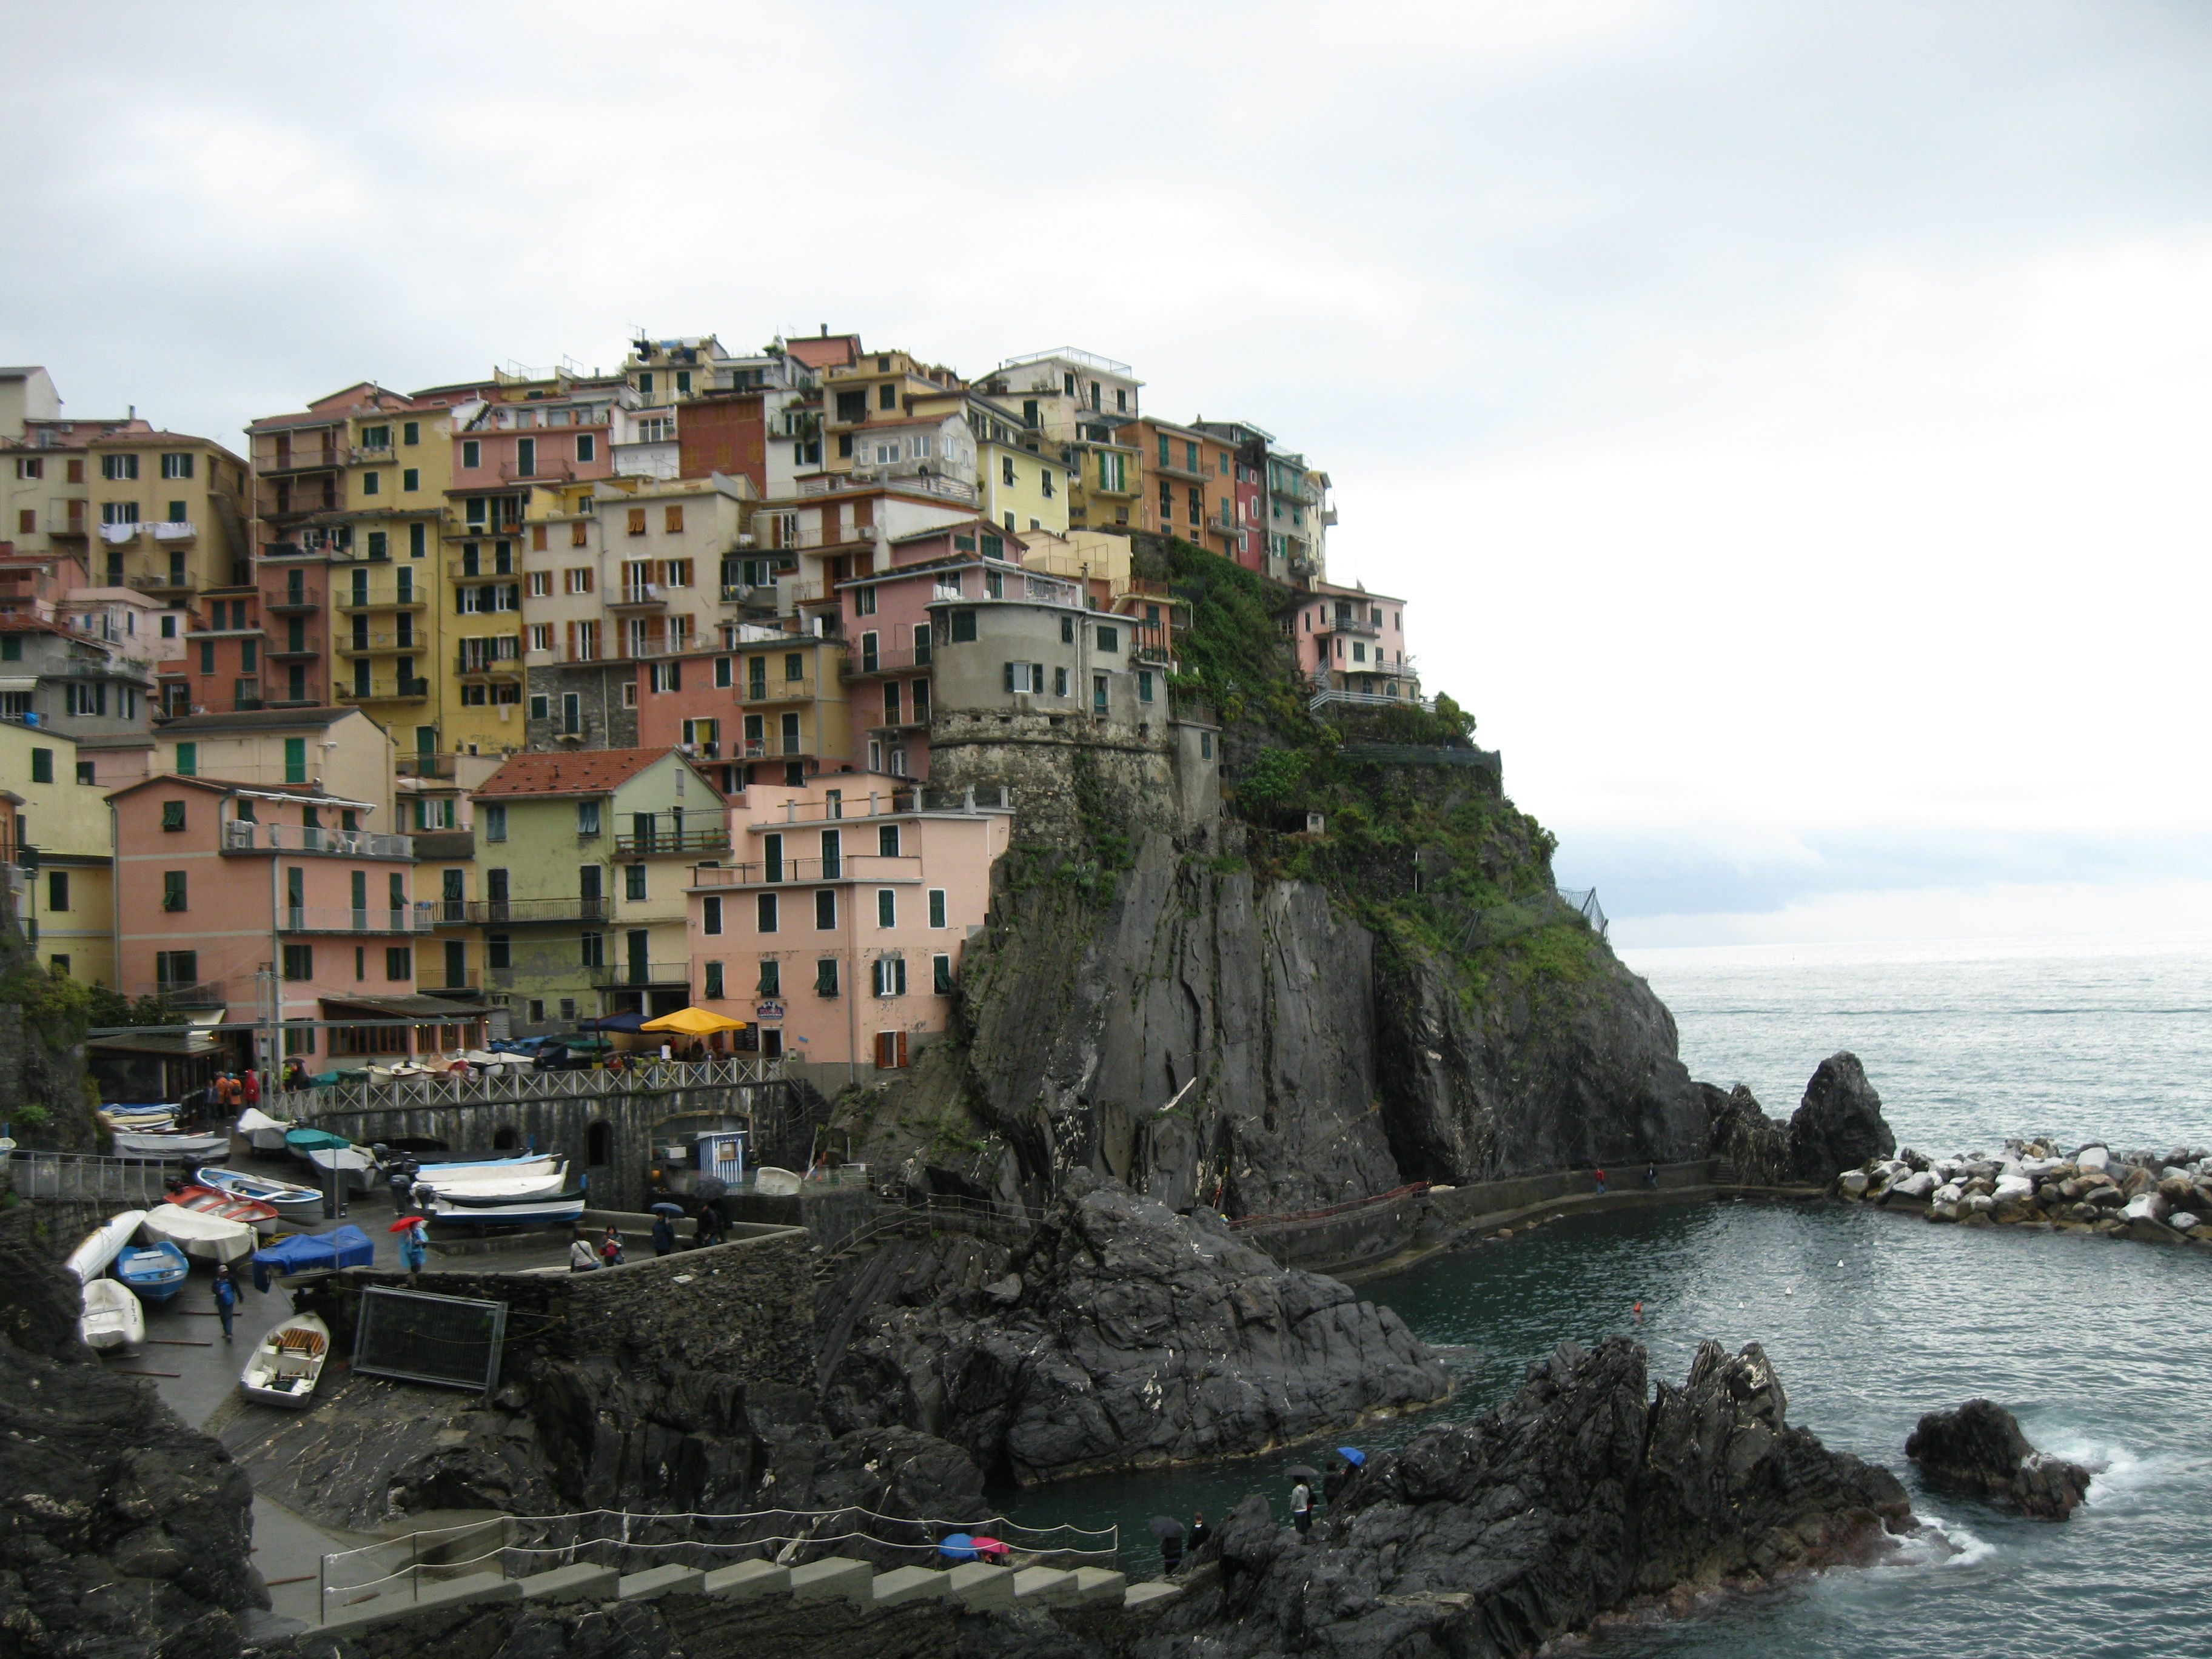 Cinque Terre Italy Emily Smedra Depauw University